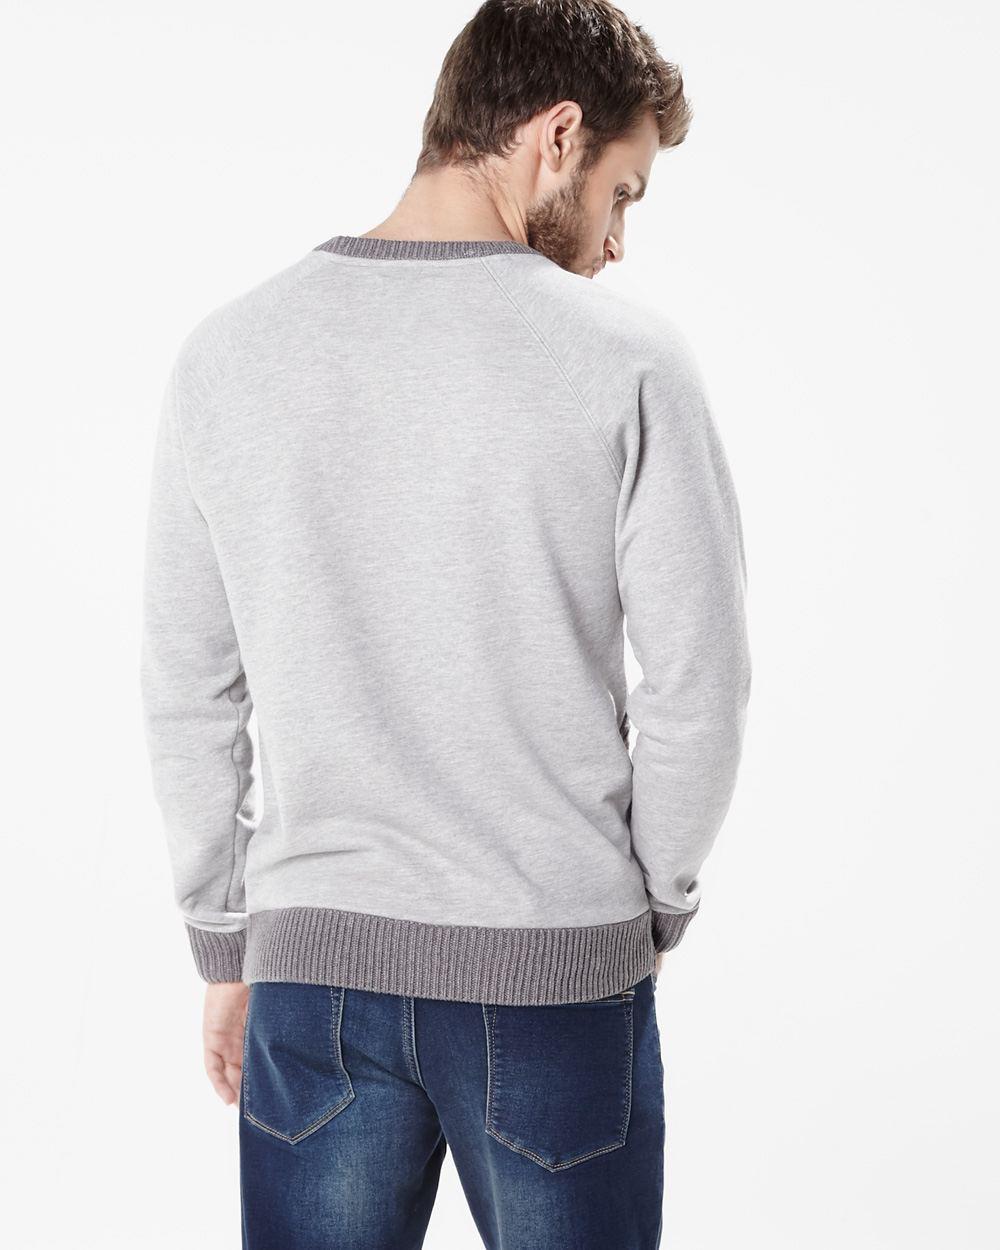 Le raglan  A 43 cm de hauteur. Tricoter comme la manche droite en inversant  les diminutions du raglan. Col  une fois les raglans cousus,. Bon tricot !! 36c5108a3446